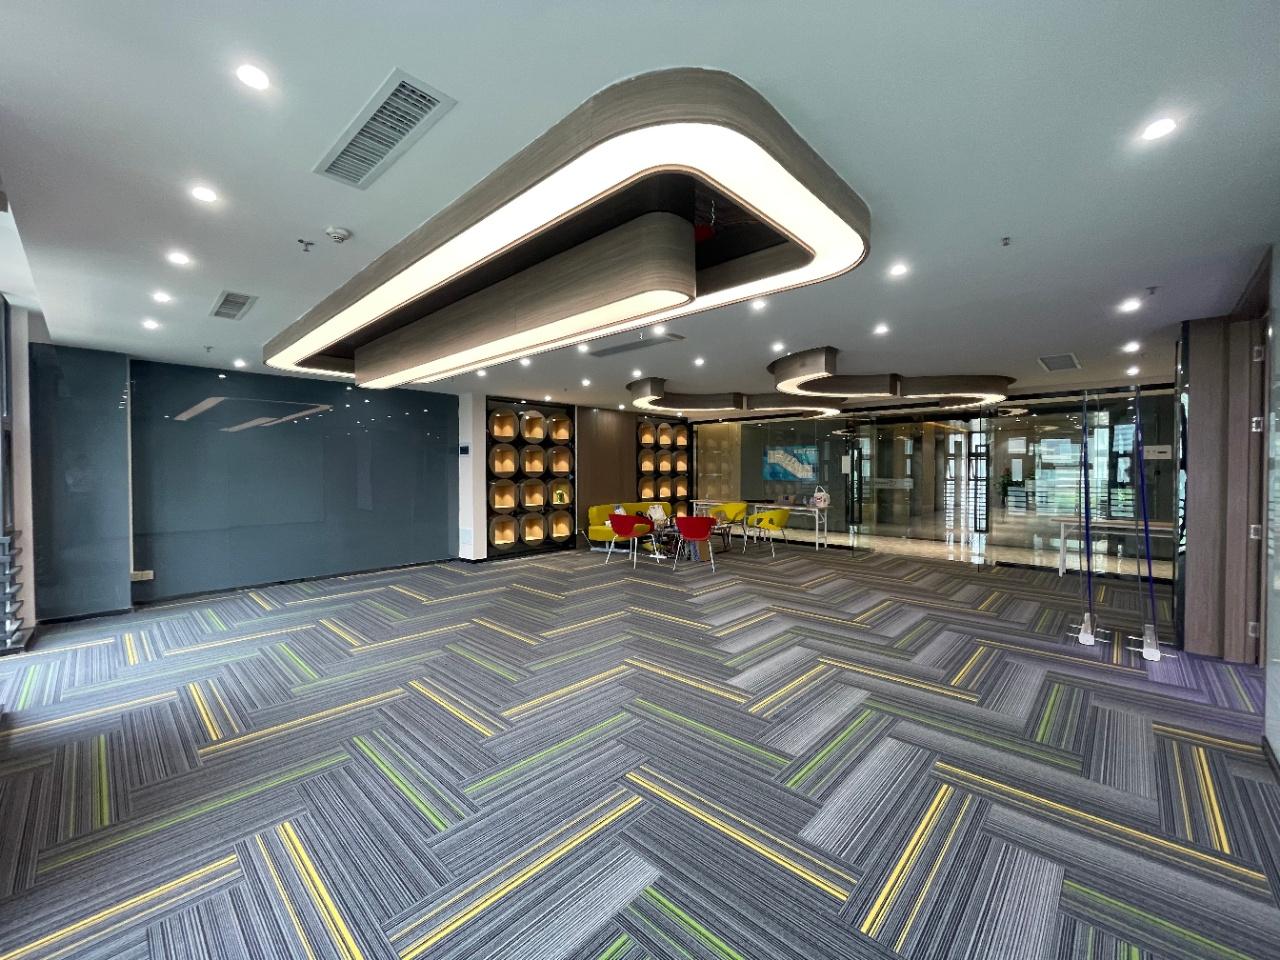 南山科技园地铁口丽雅查尔顿广场97平-1000平全新装修可配齐家私业主直租